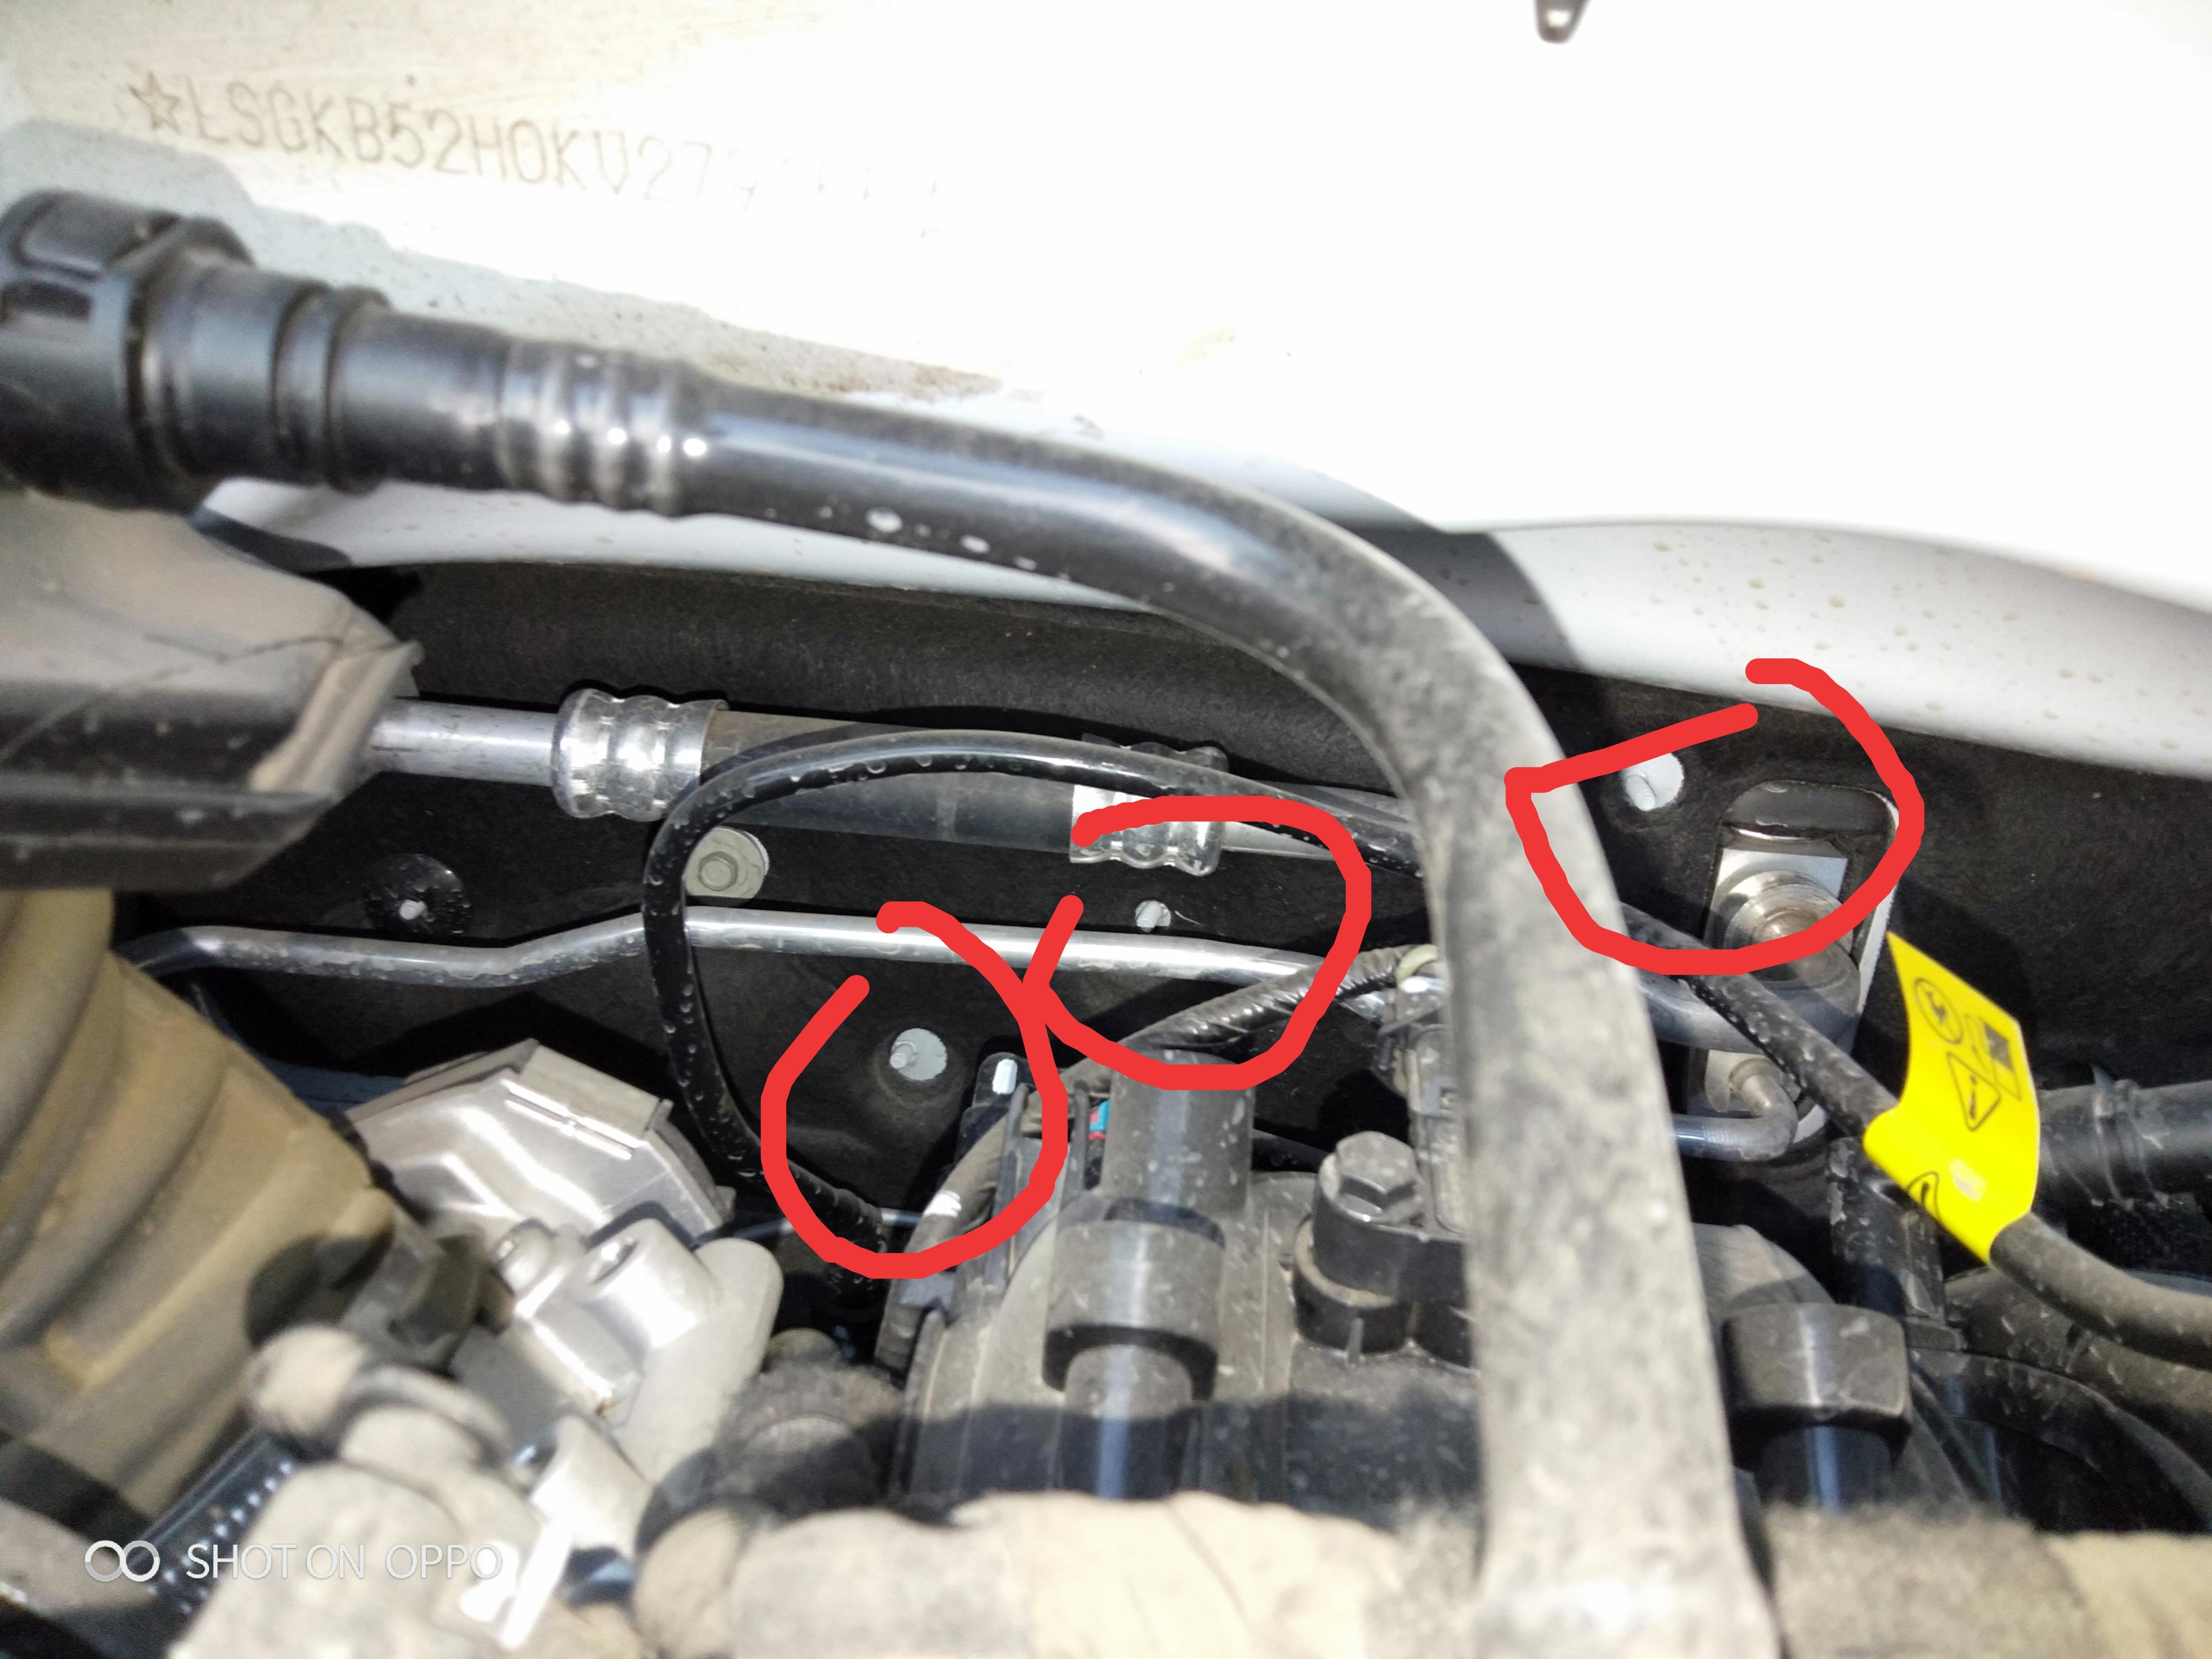 上汽通用-科沃兹 两天不开电频就没电,找不着火,油表乱跳